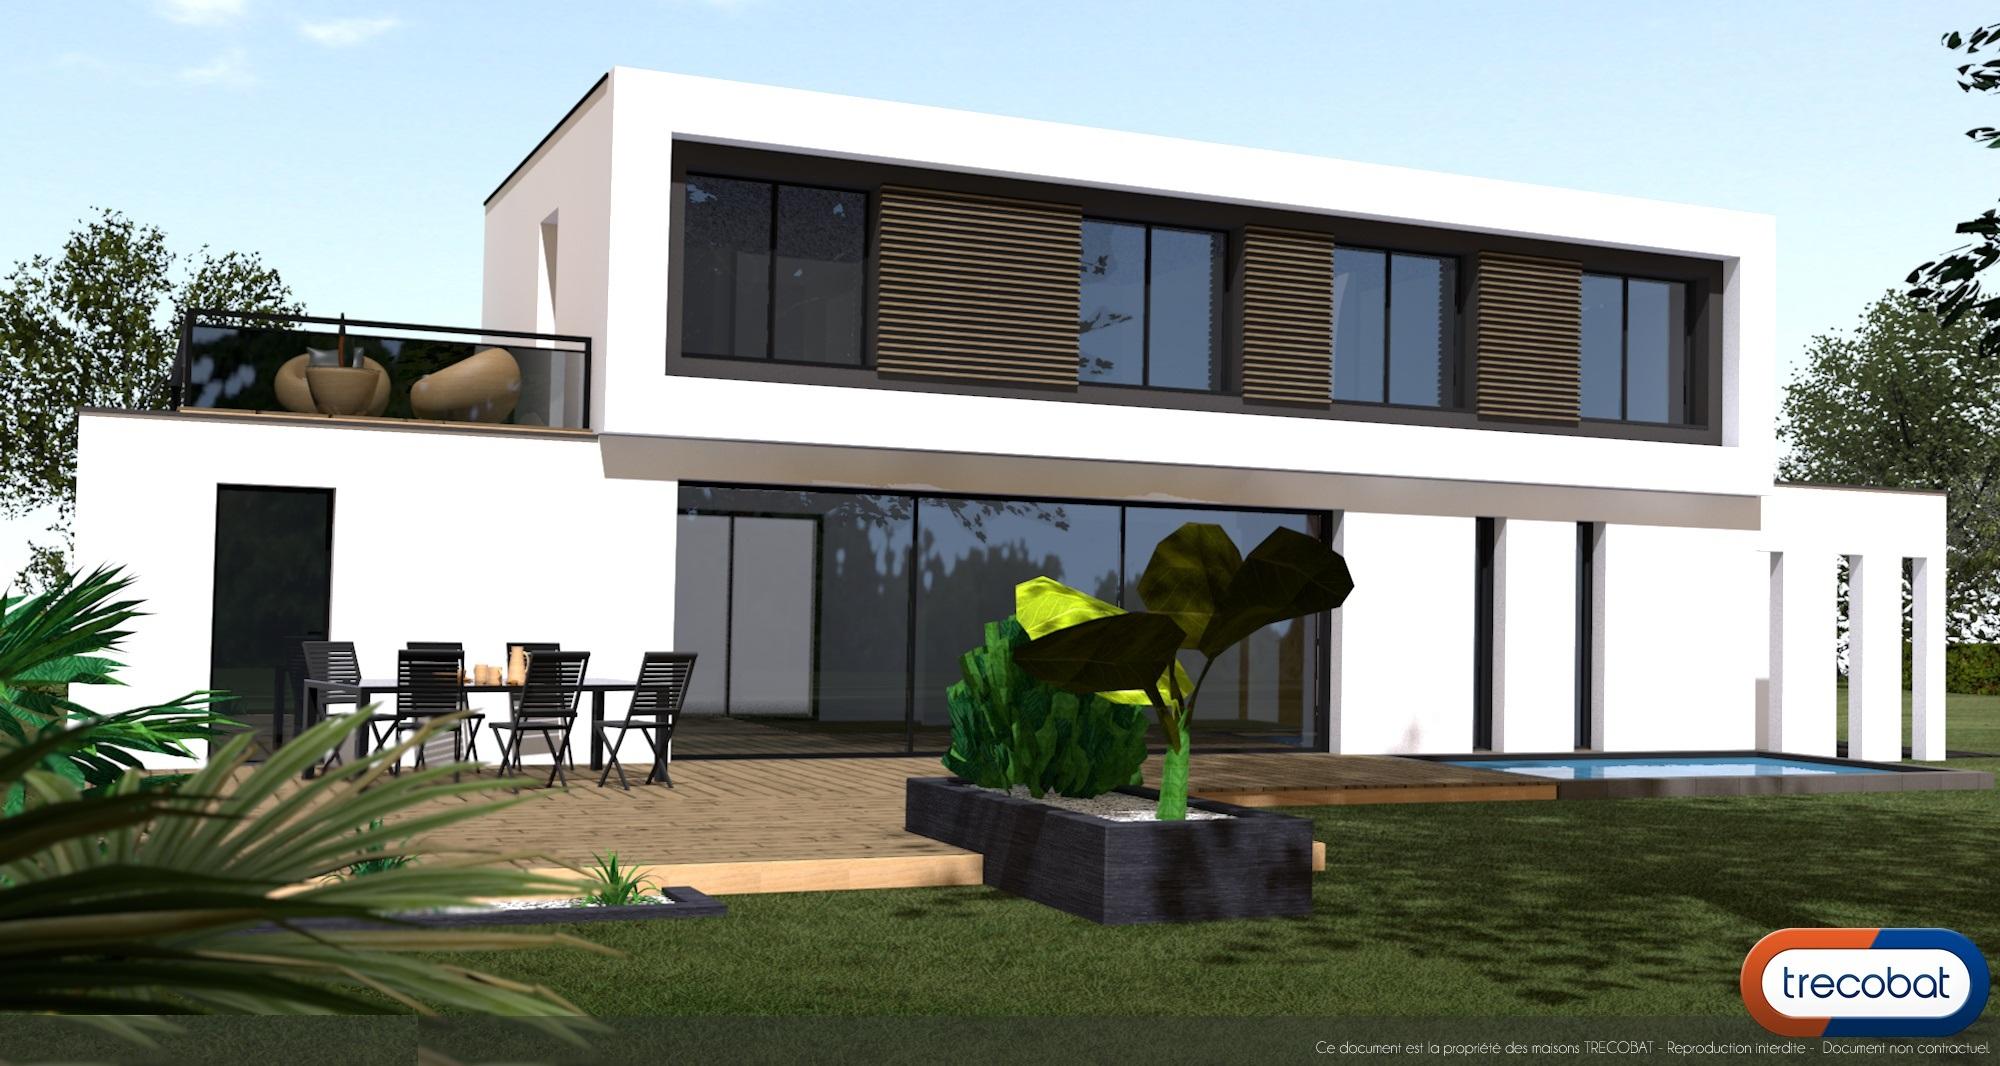 A vendre maison terrain 5 pi ces 130 m sur terrain de for Chauffer un garage non isole